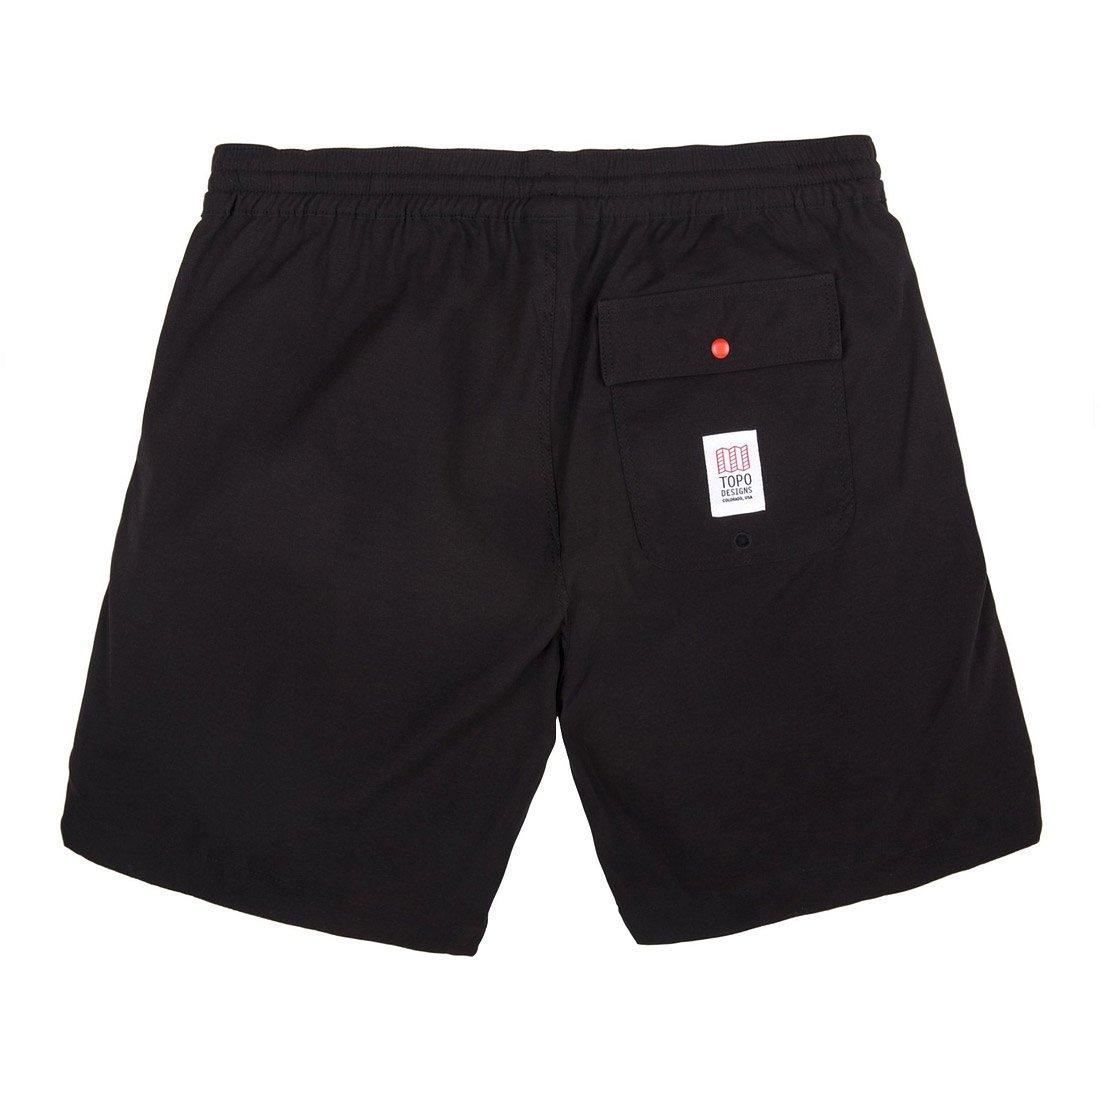 מכנס ריצה לגברים - Global Shorts M - Topo Designs